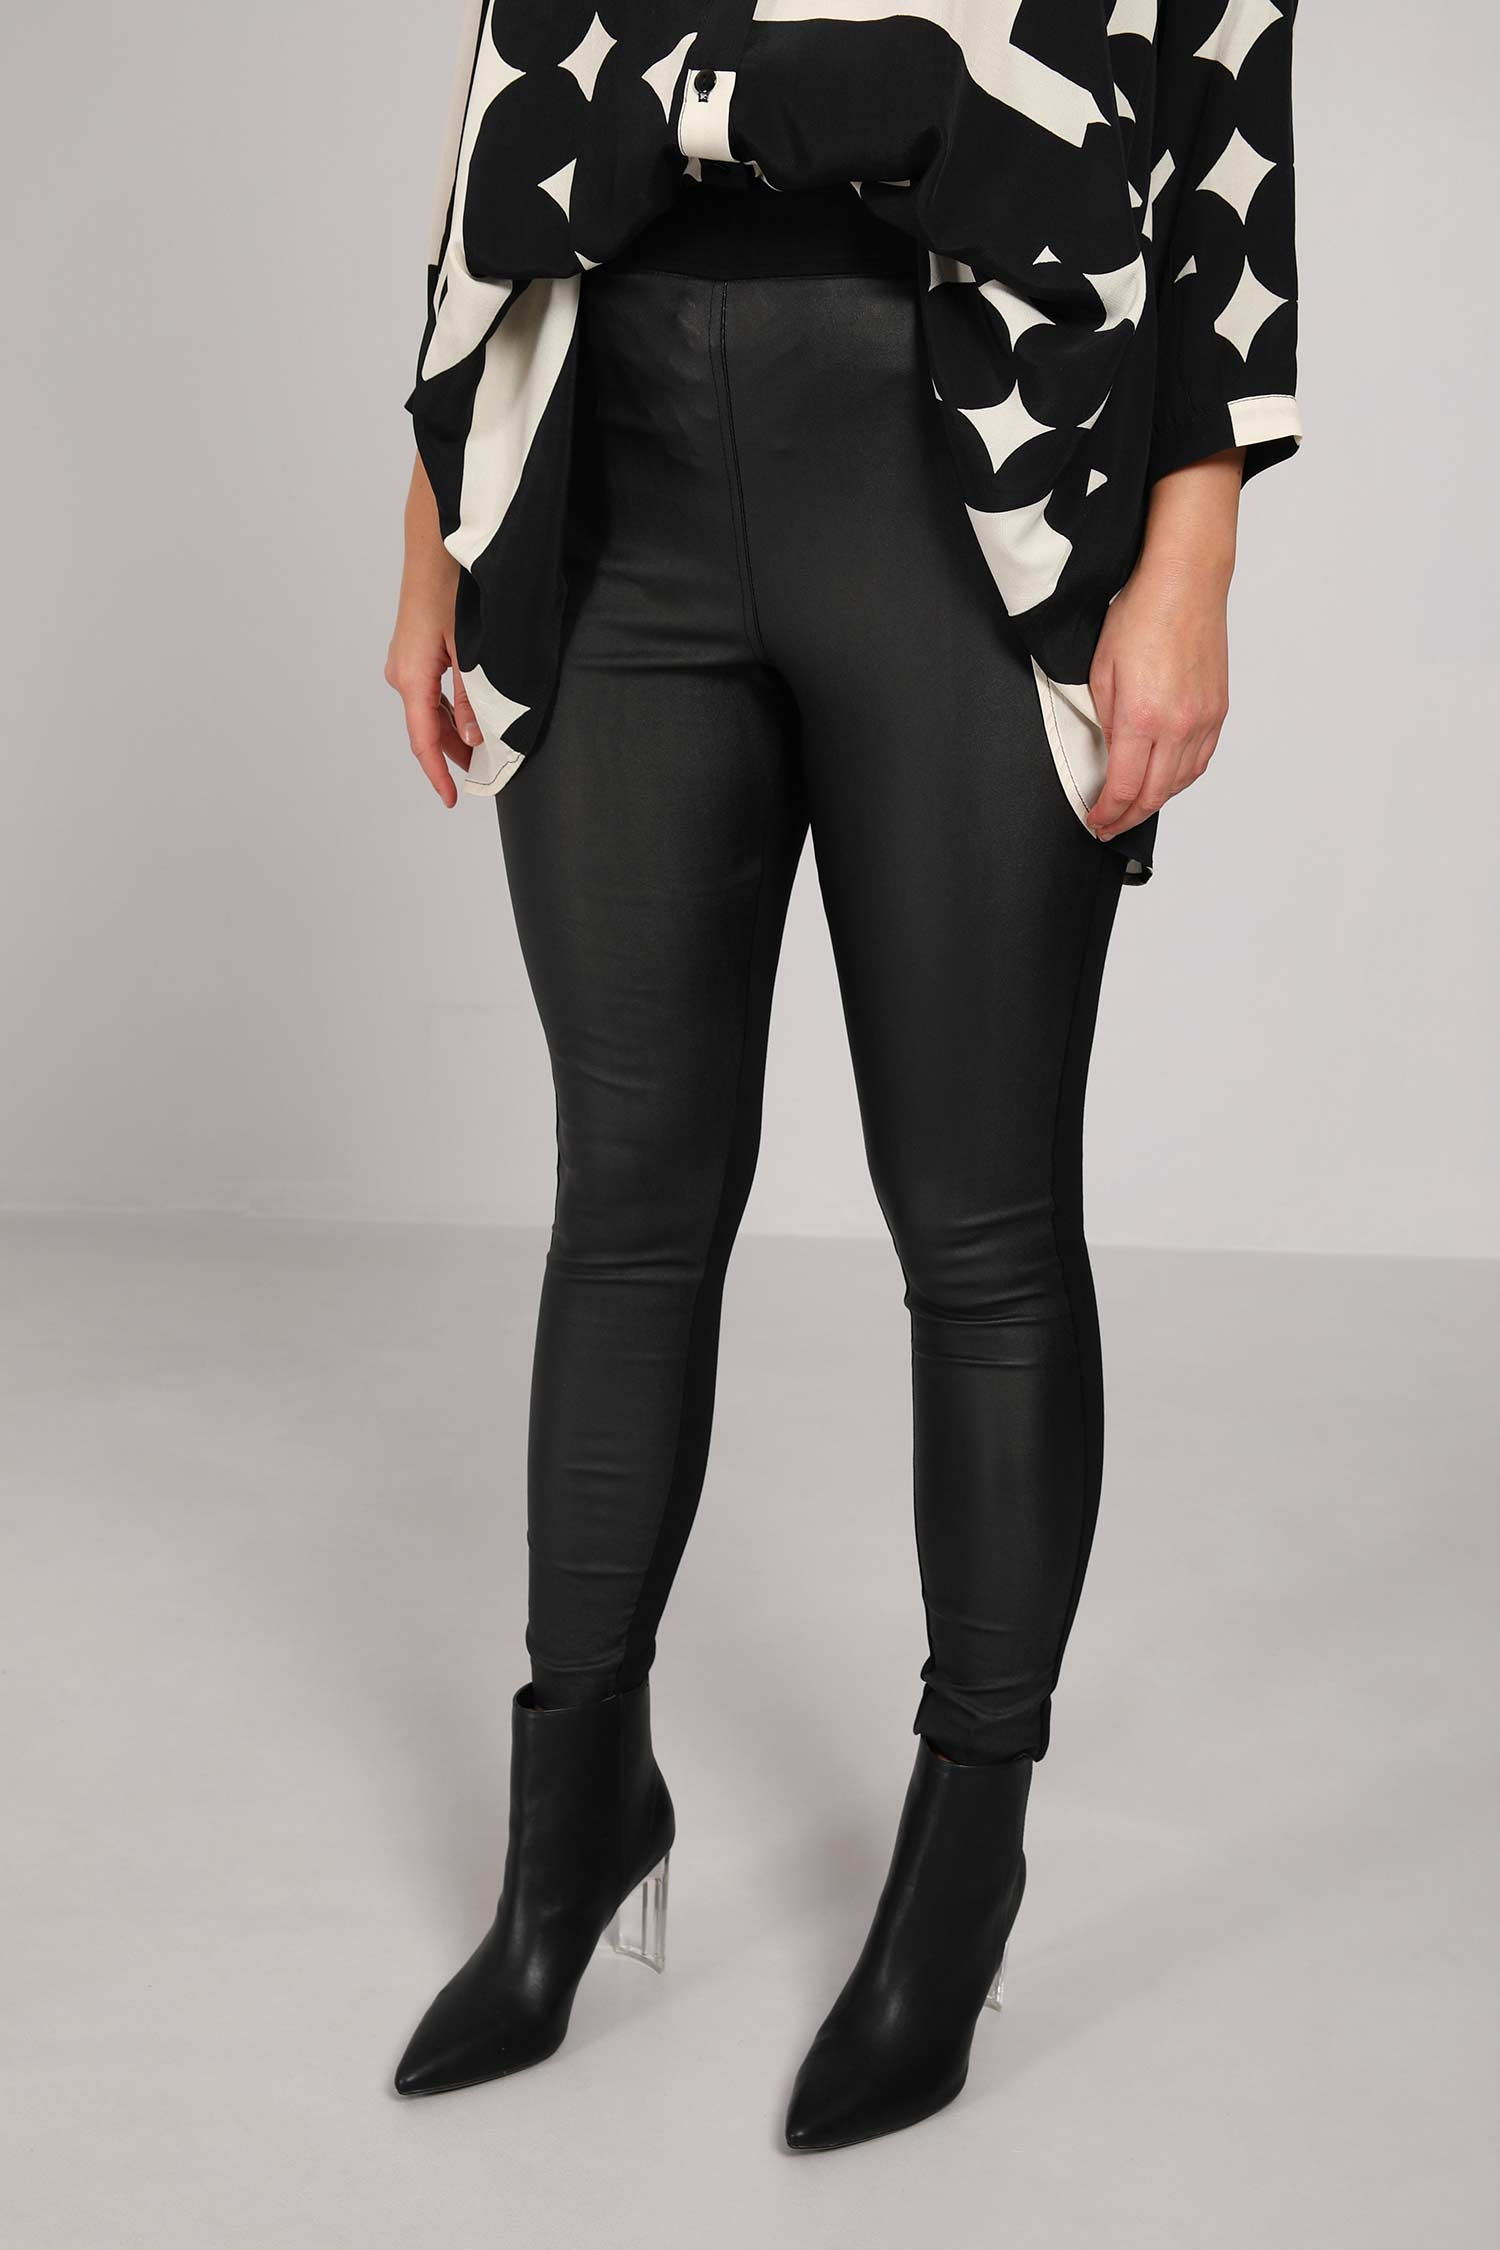 Bi-material trousers / leggings